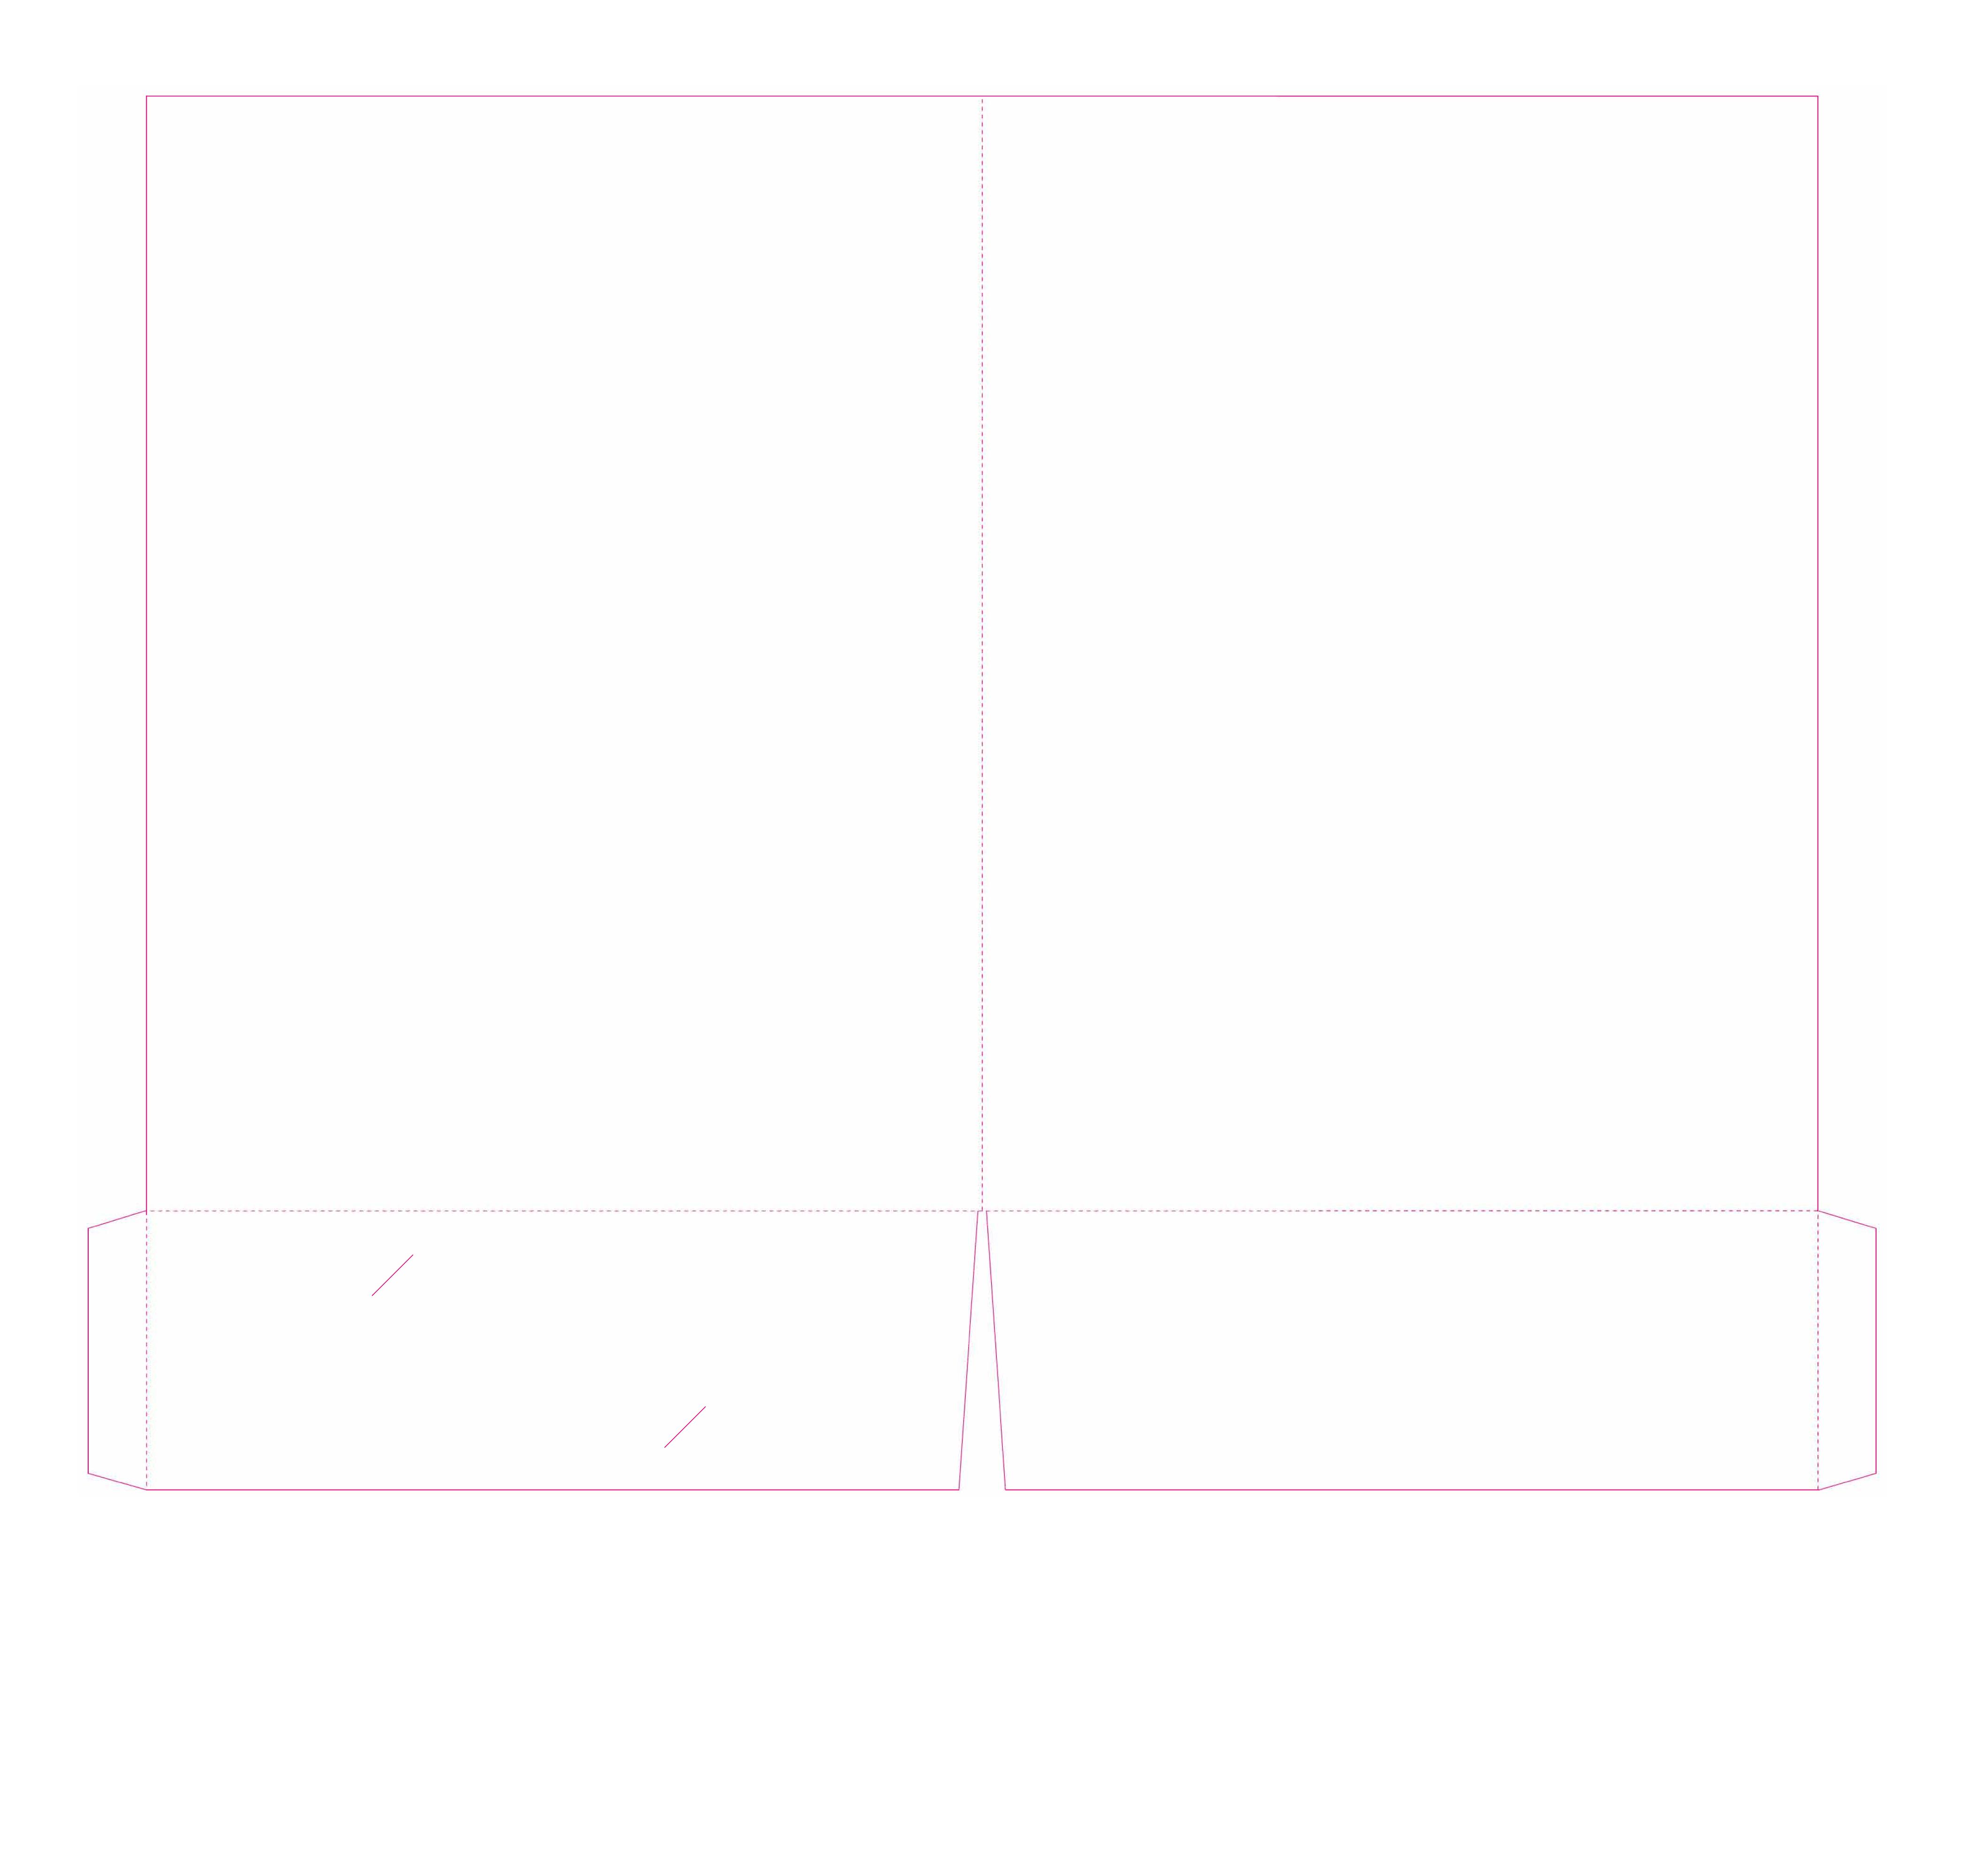 2 | Modèle 1 - Sans infos